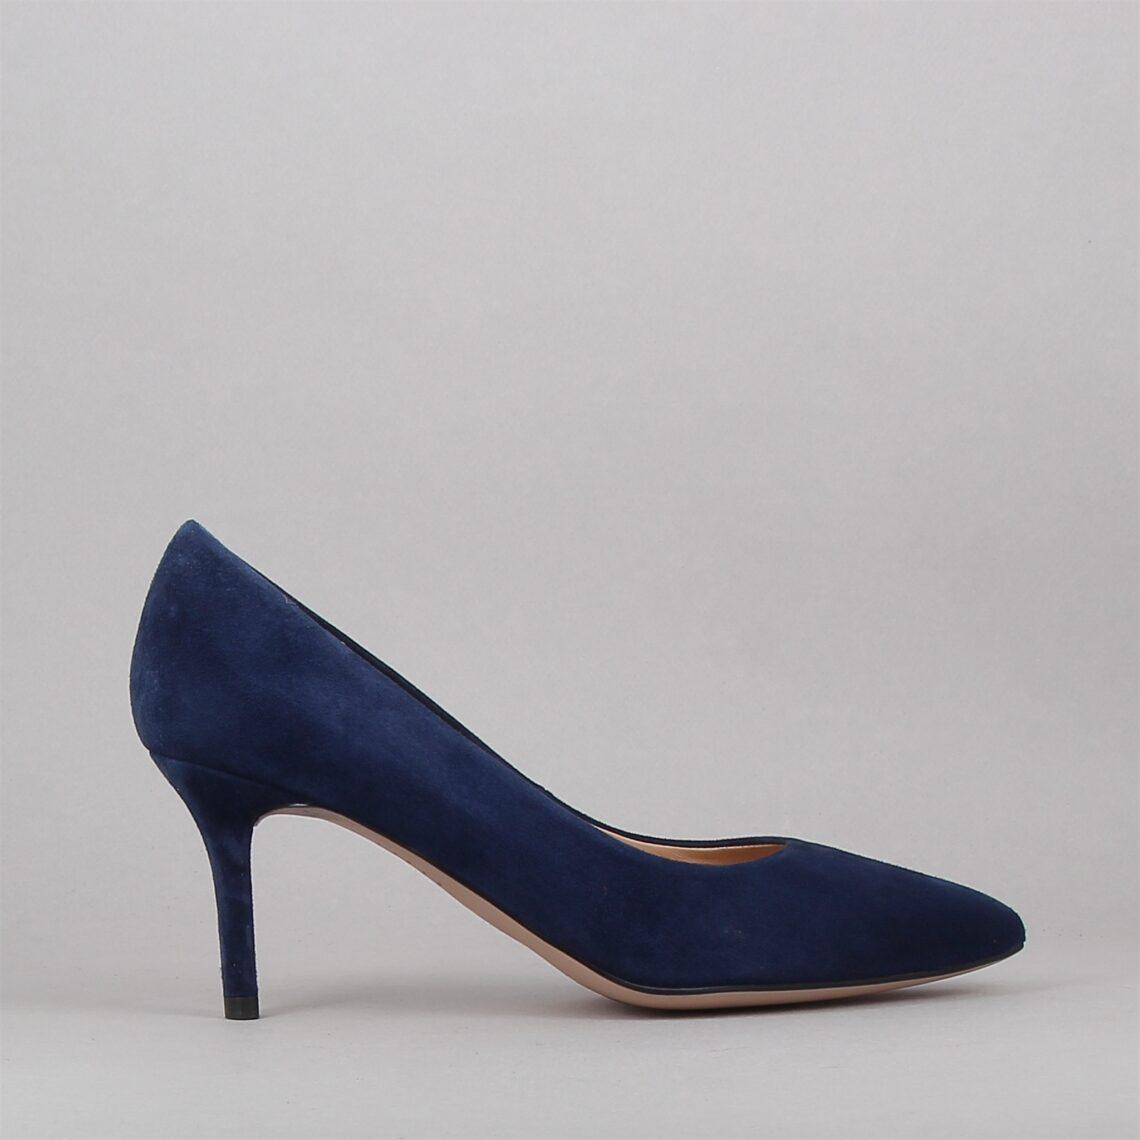 karace-bleu-176193538-0.jpg